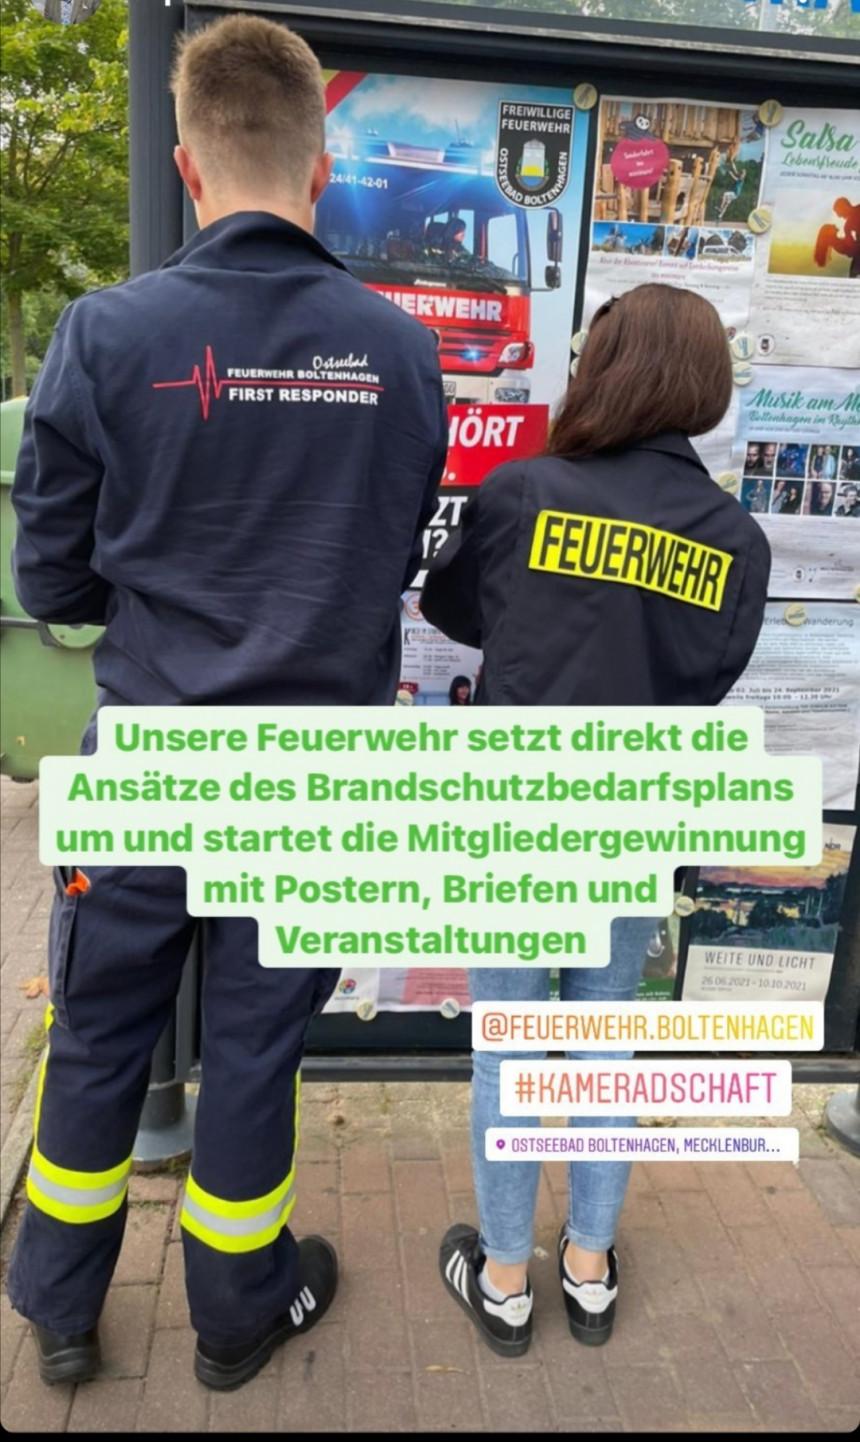 RETTEN GEHÖRT ZU UNS! DU JETZT AUCH? Die ehrenamtliche Feuerwehr des Ostseebades Boltenhagen heißt neue Mitglieder herzlich willkommen!